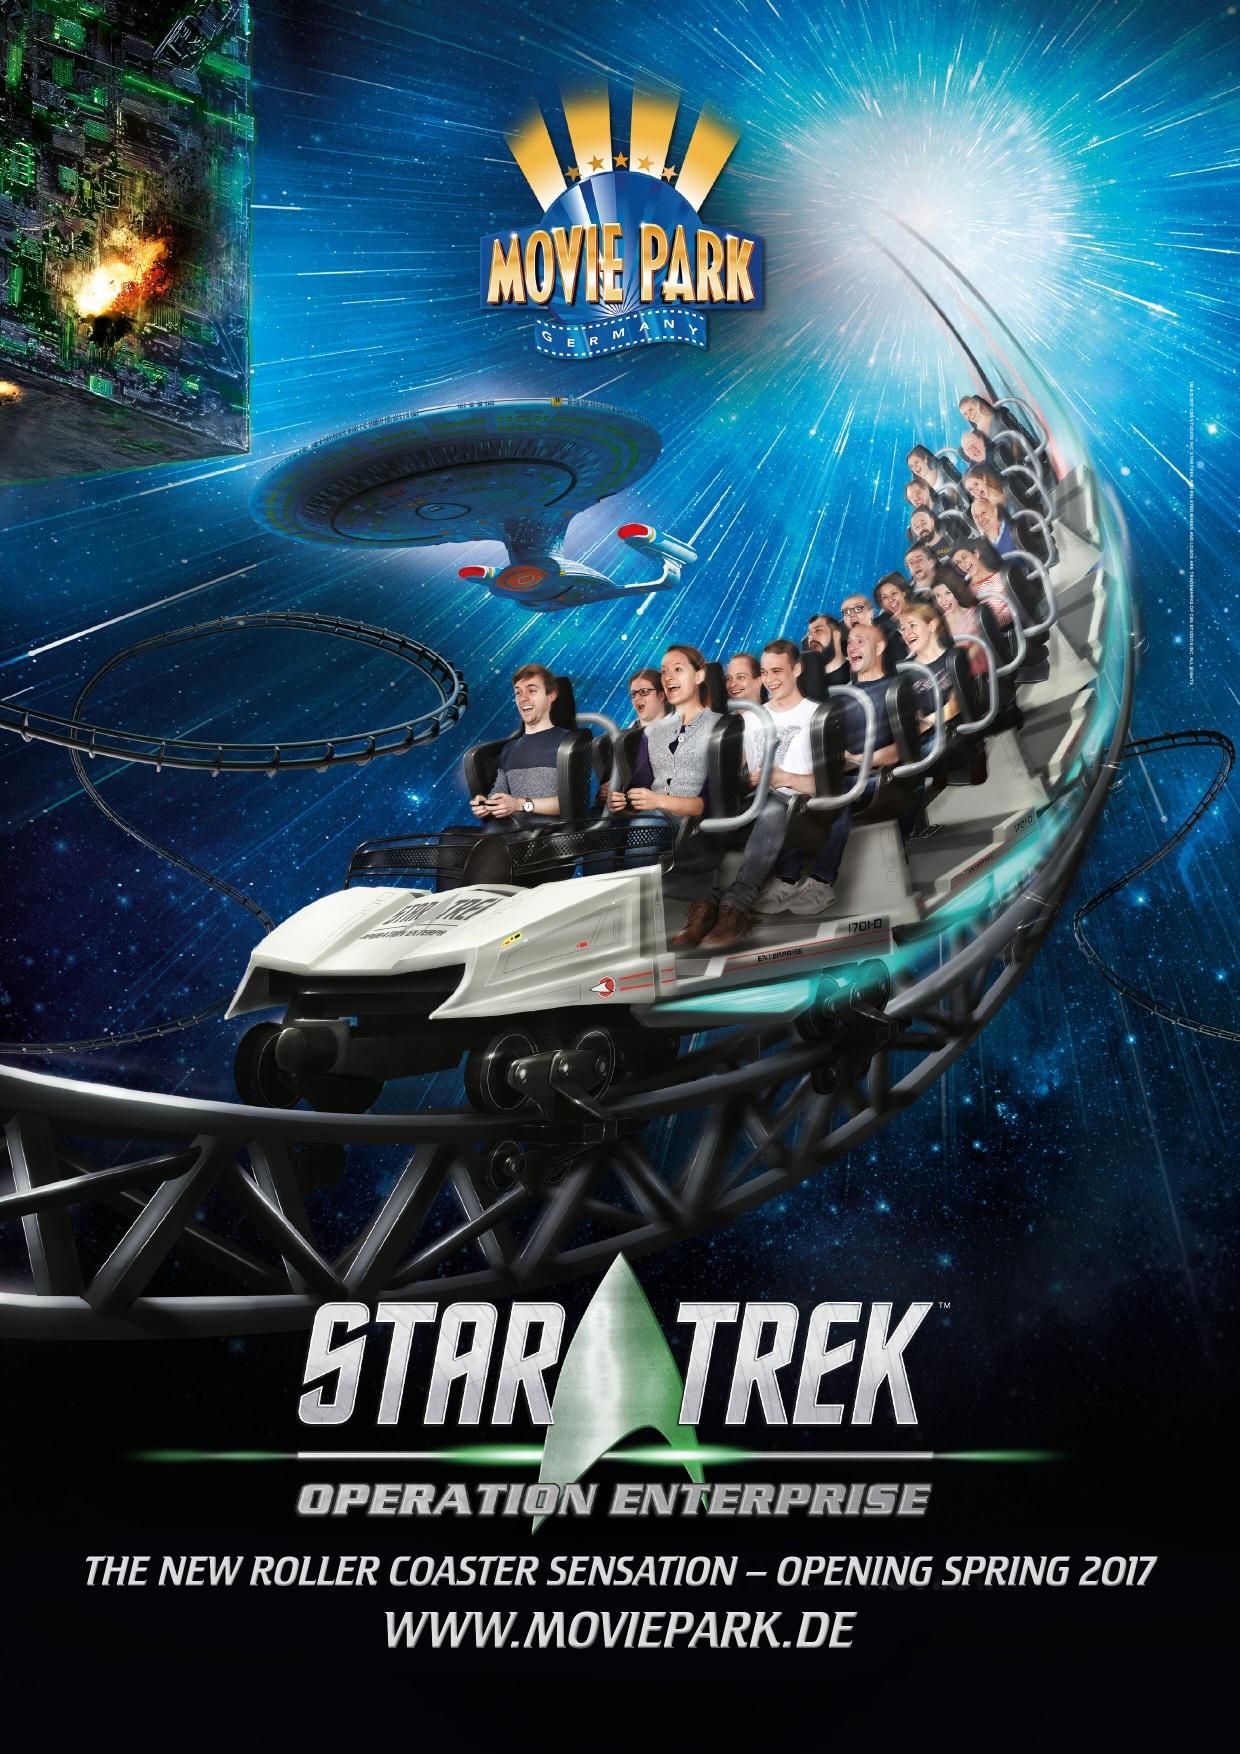 Espaces dédiés à Star Trek dans les parcs d'attraction Movieparkg-07